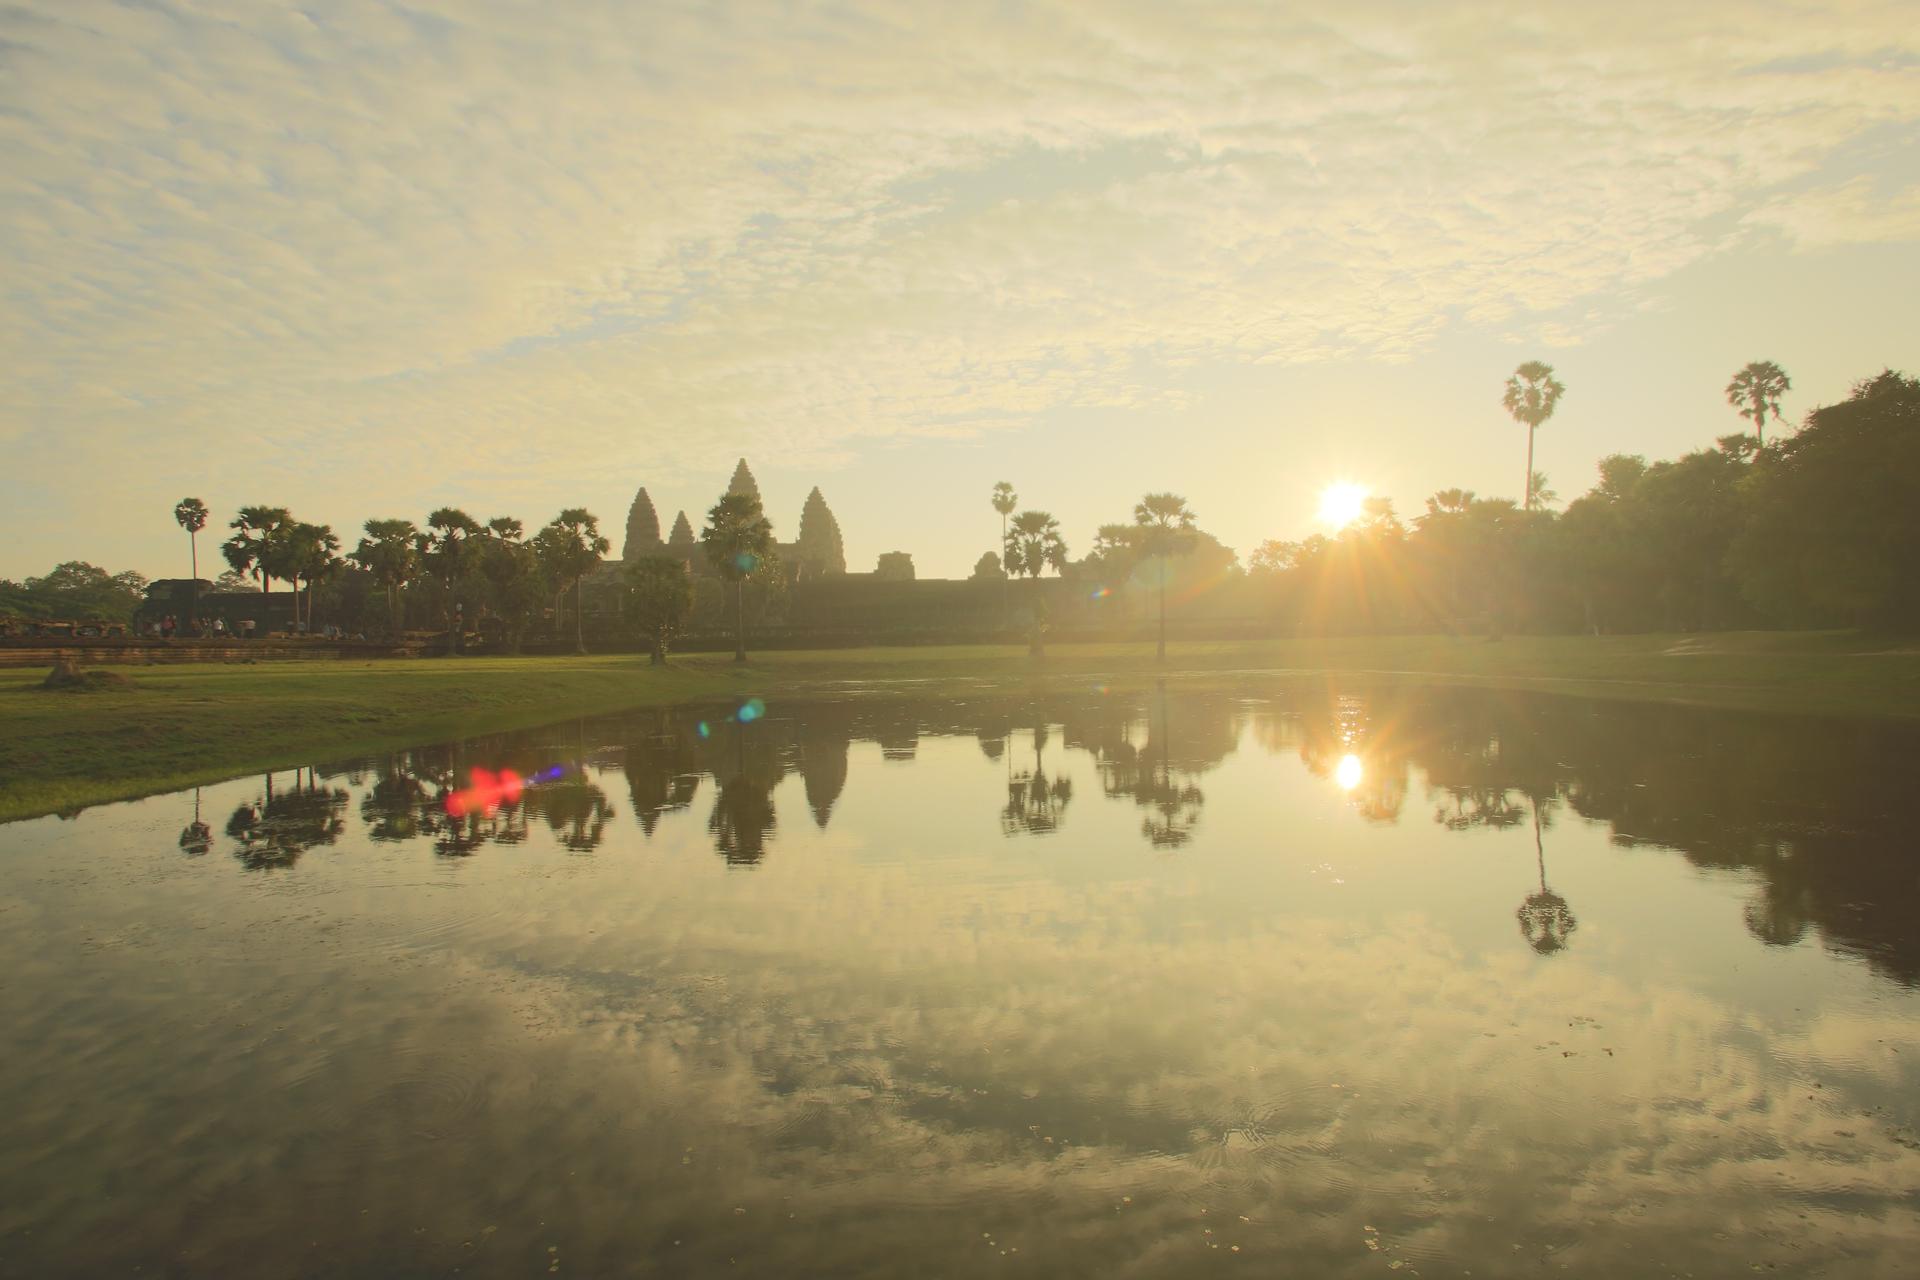 angkor wat 1 by - photo #15